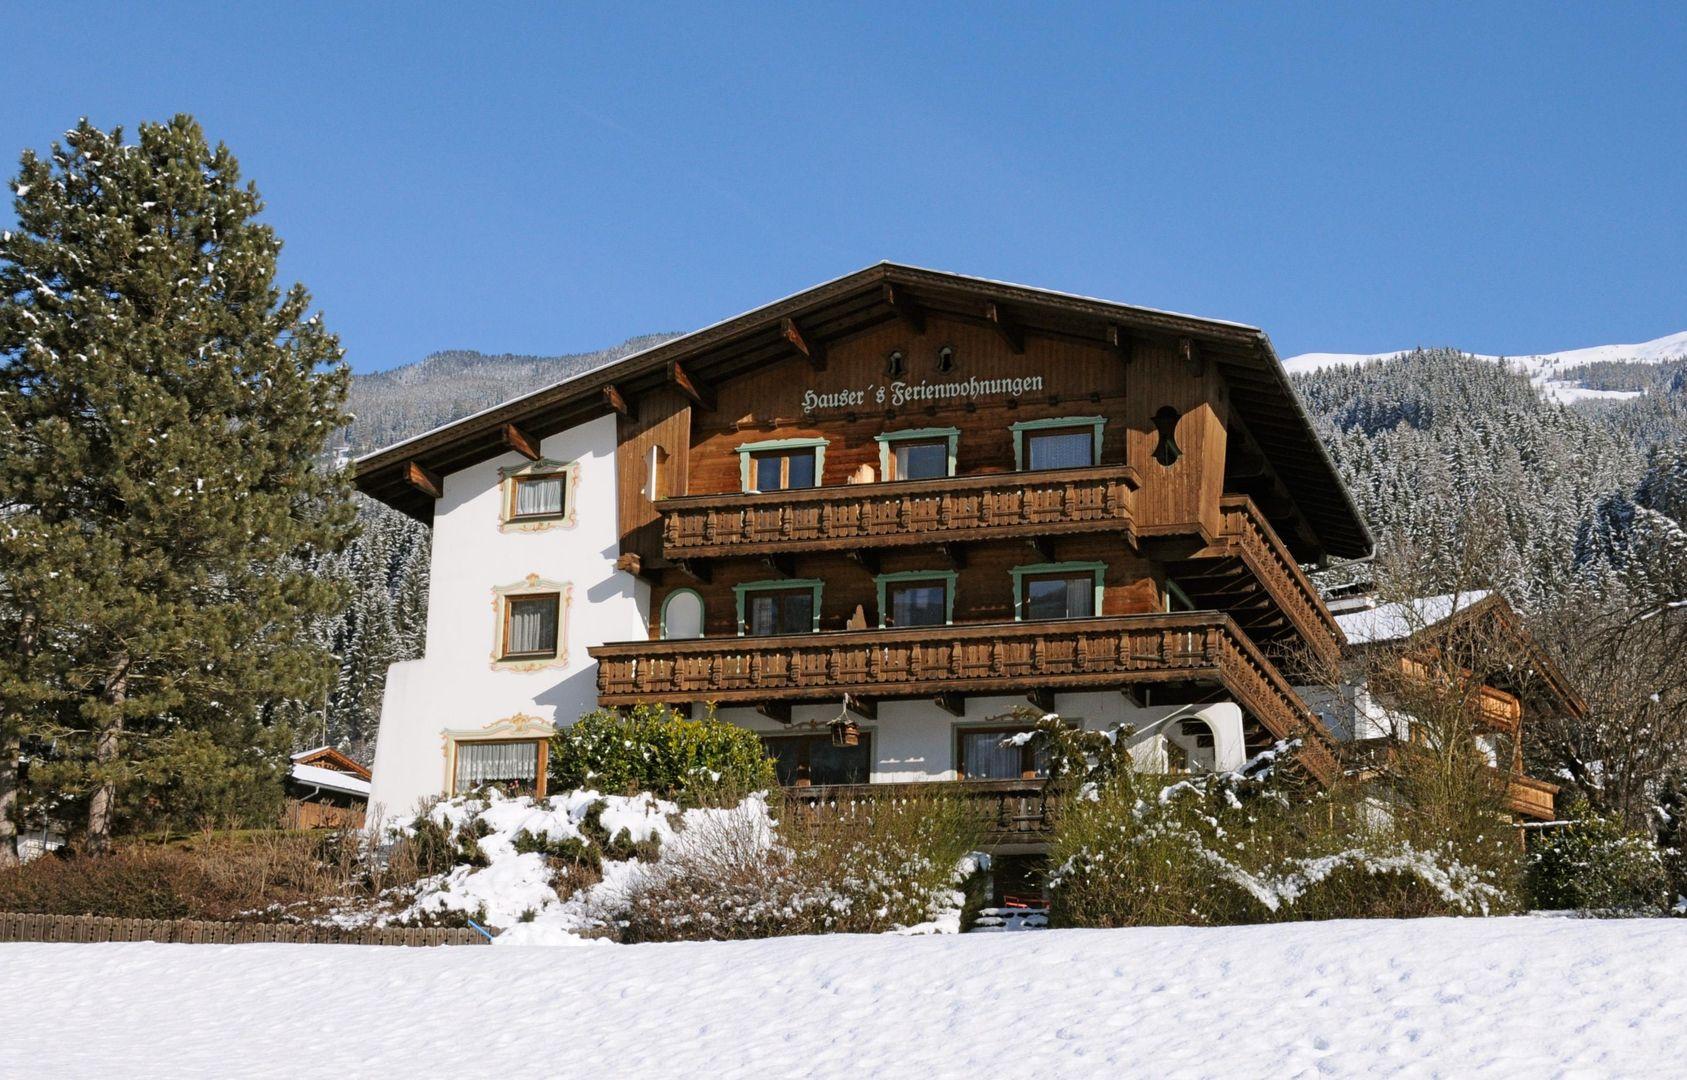 Landhaus Maridl - Slide 1